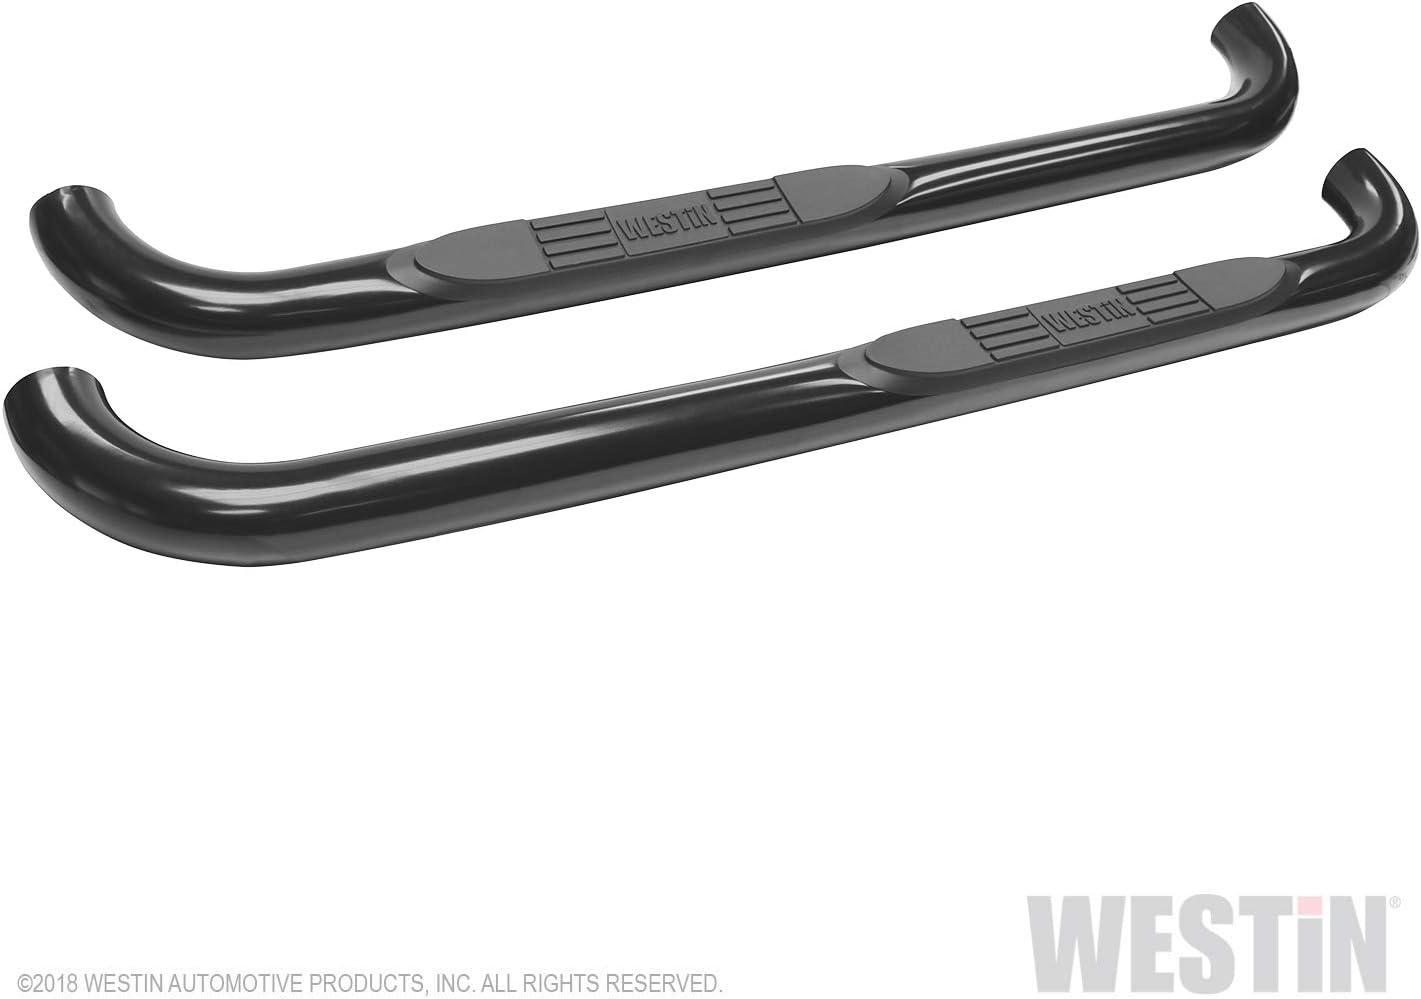 Westin 23-3845 E-Series Step Bar